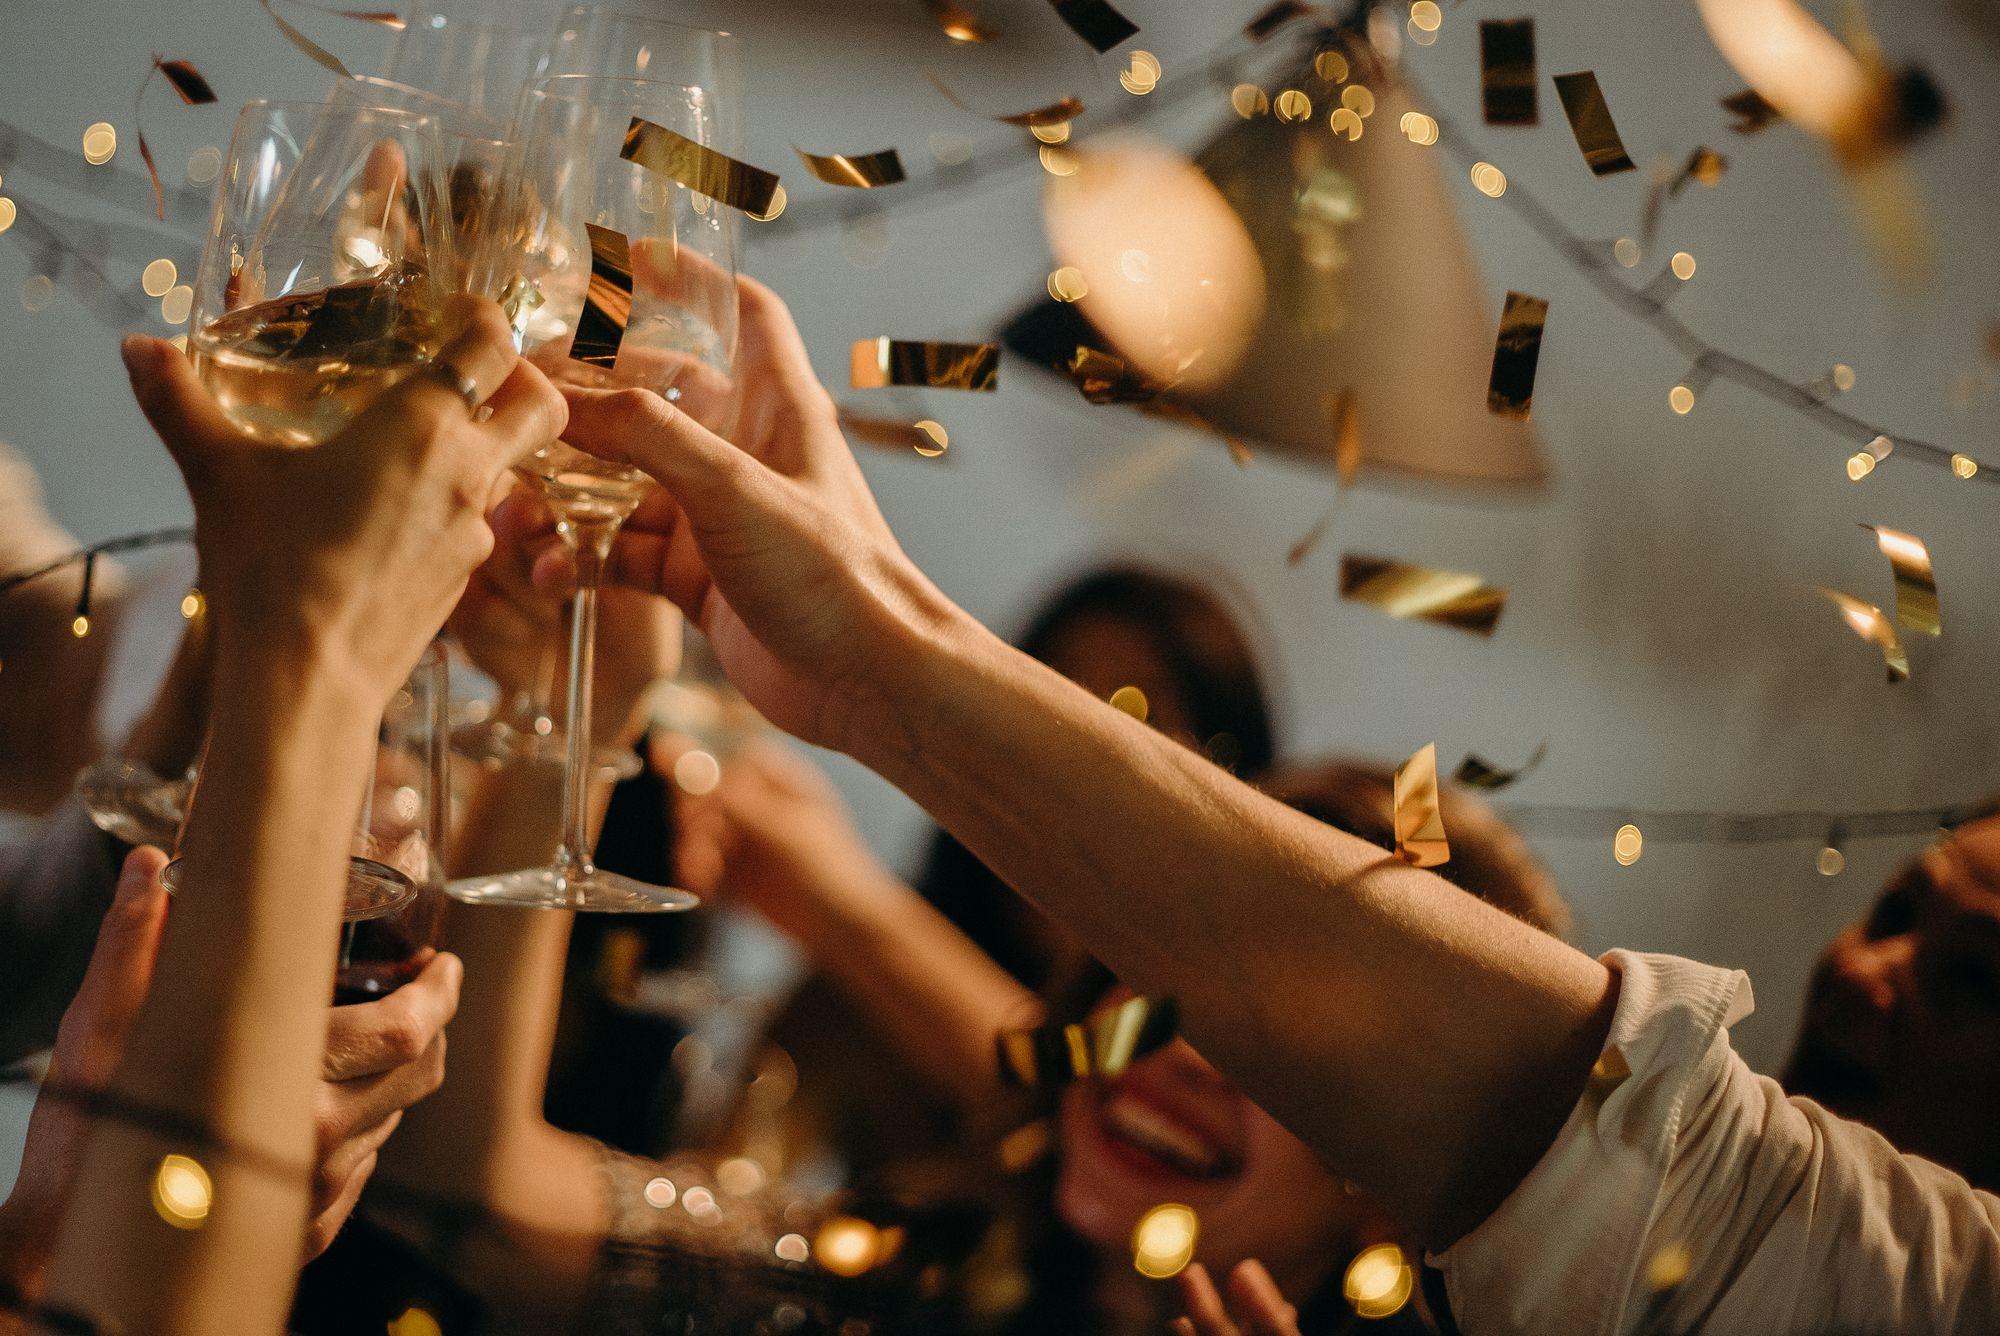 Toasting glasses in celebration